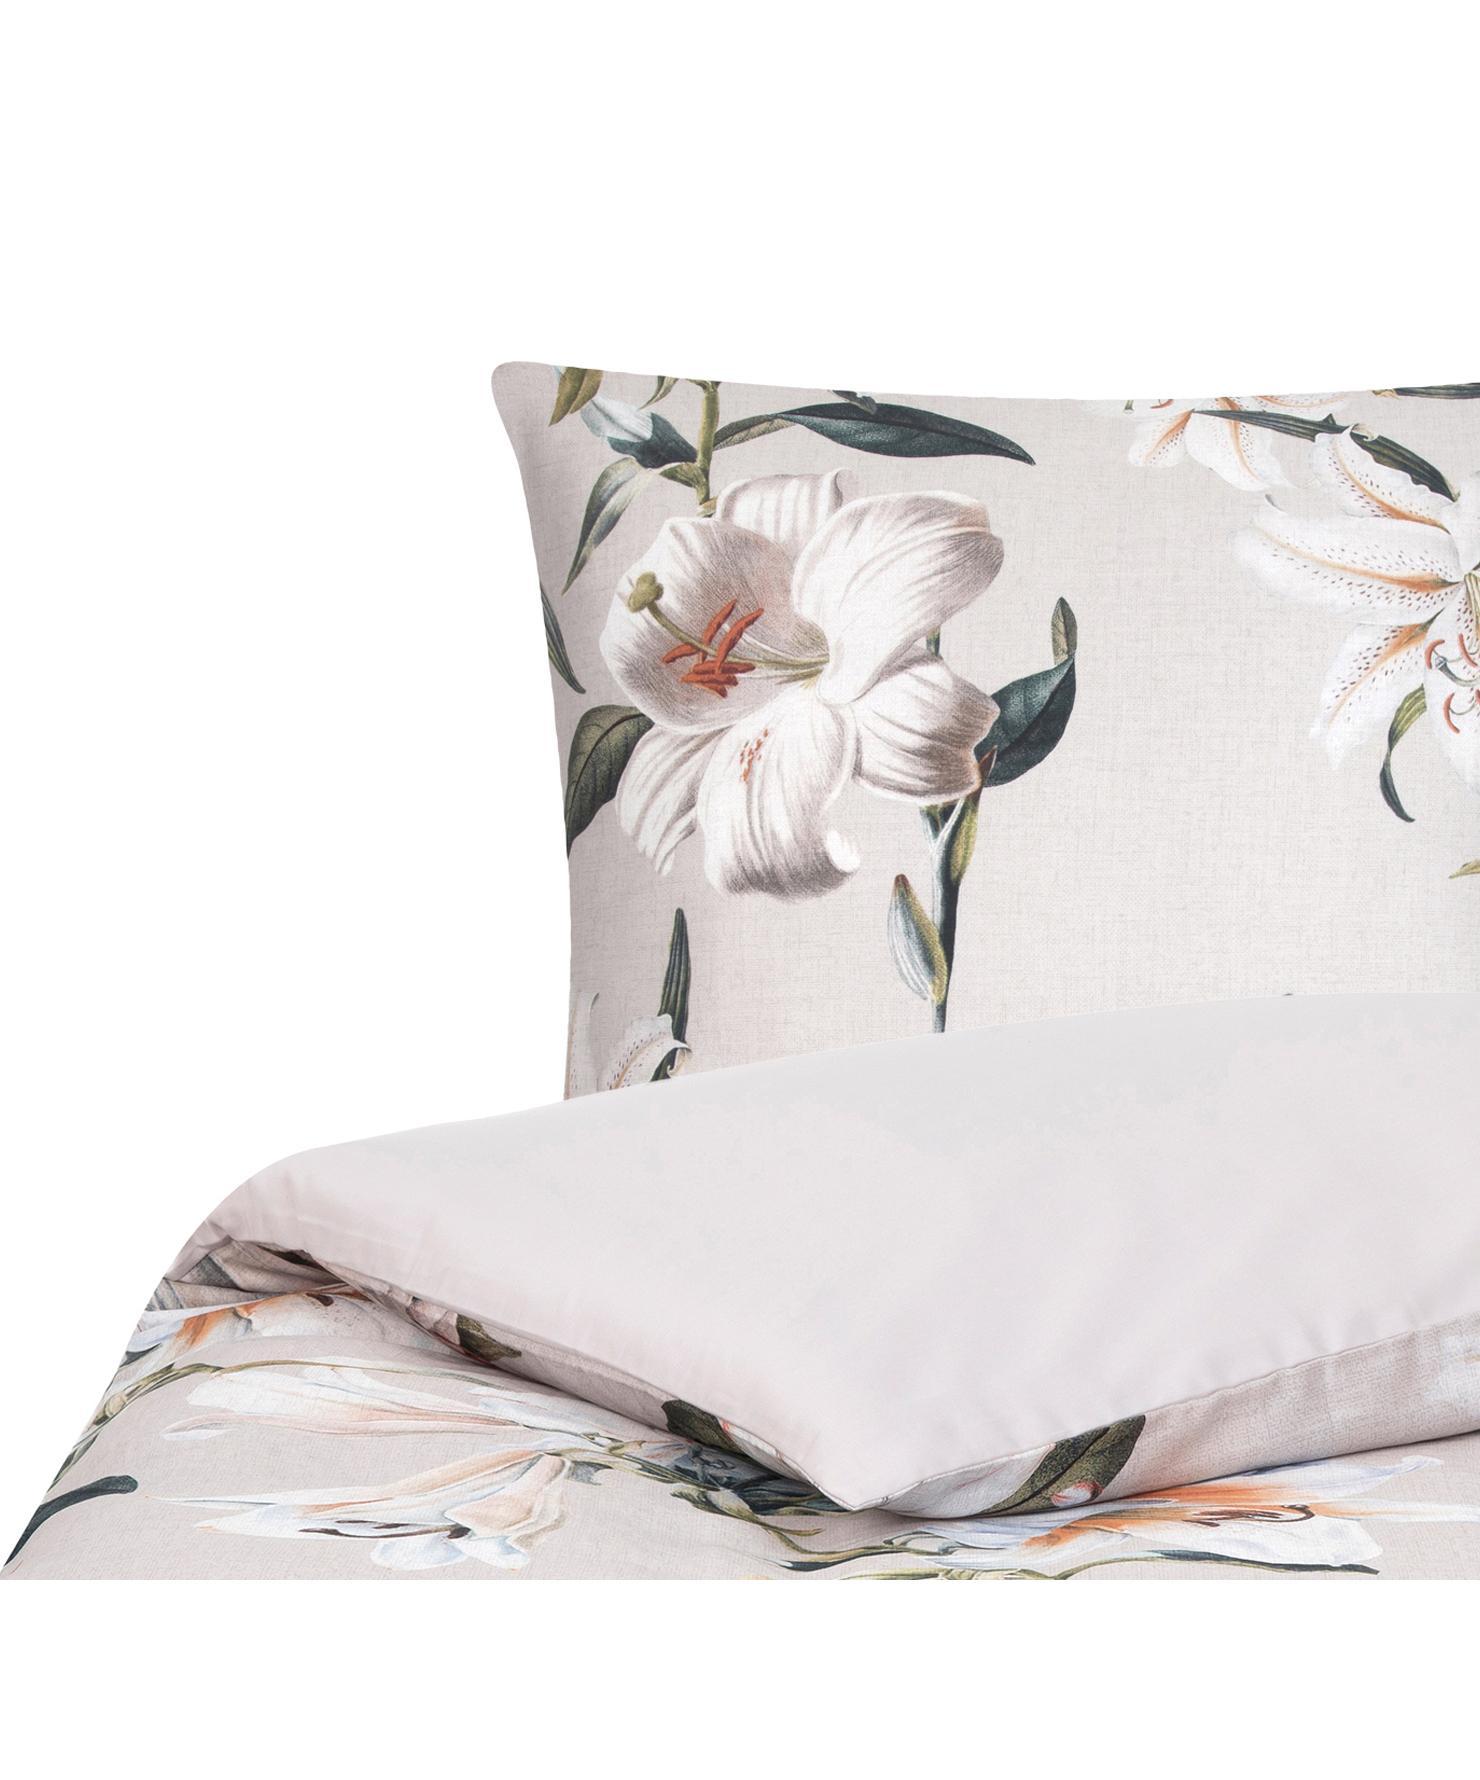 Baumwollsatin-Bettwäsche Flori in Beige mit Blumen-Print, Webart: Satin Fadendichte 210 TC,, Vorderseite: Beige, CremeweissRückseite: Beige, 135 x 200 cm + 1 Kissen 80 x 80 cm